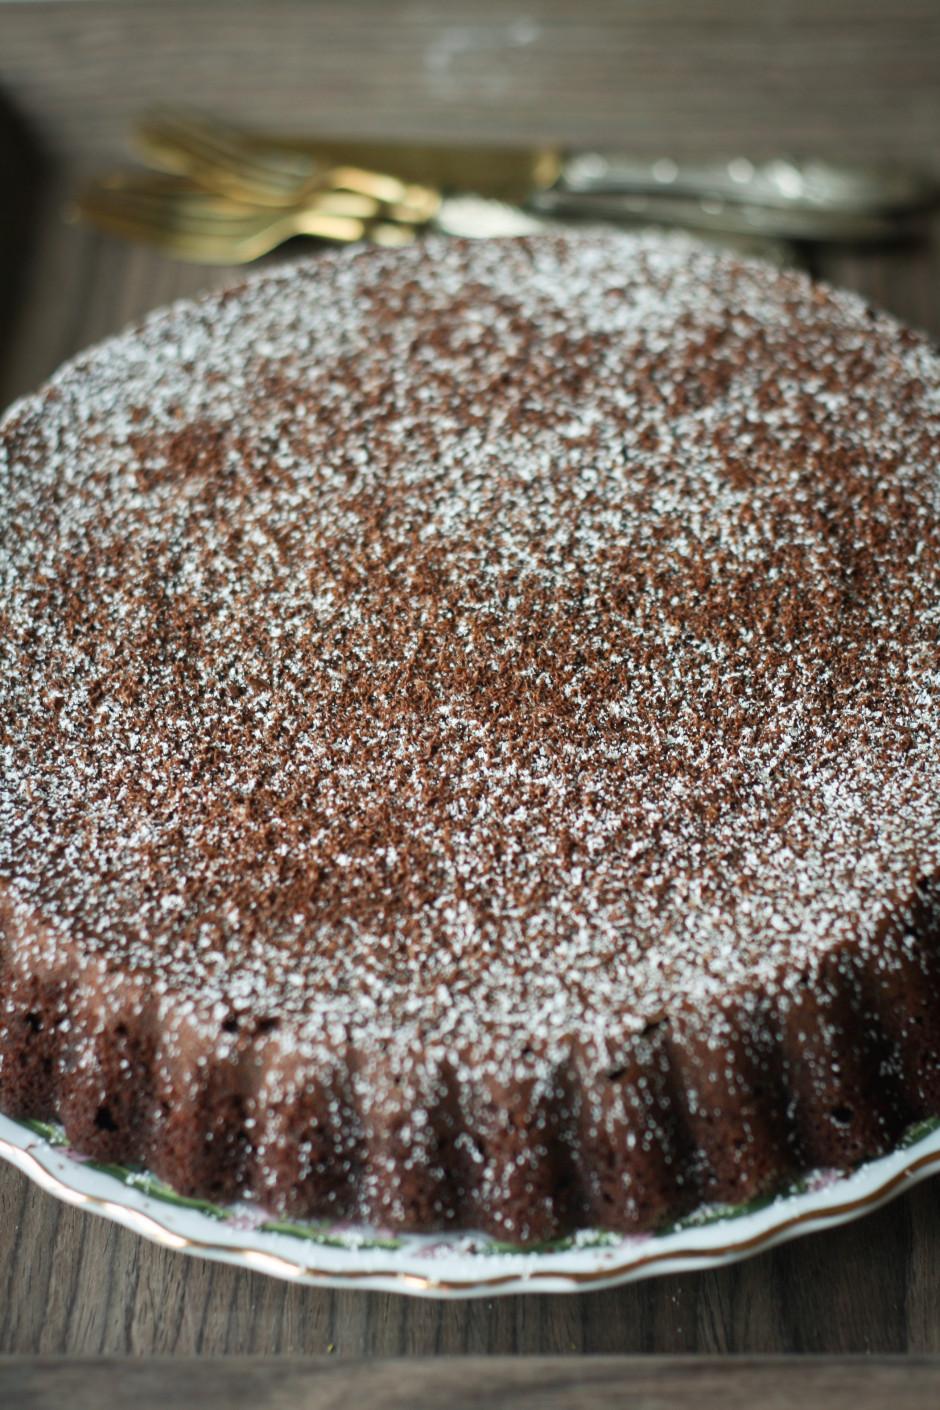 torta al cioccolato e barbabietole2 2 940x1410 Torta al cioccolato e barbabietole